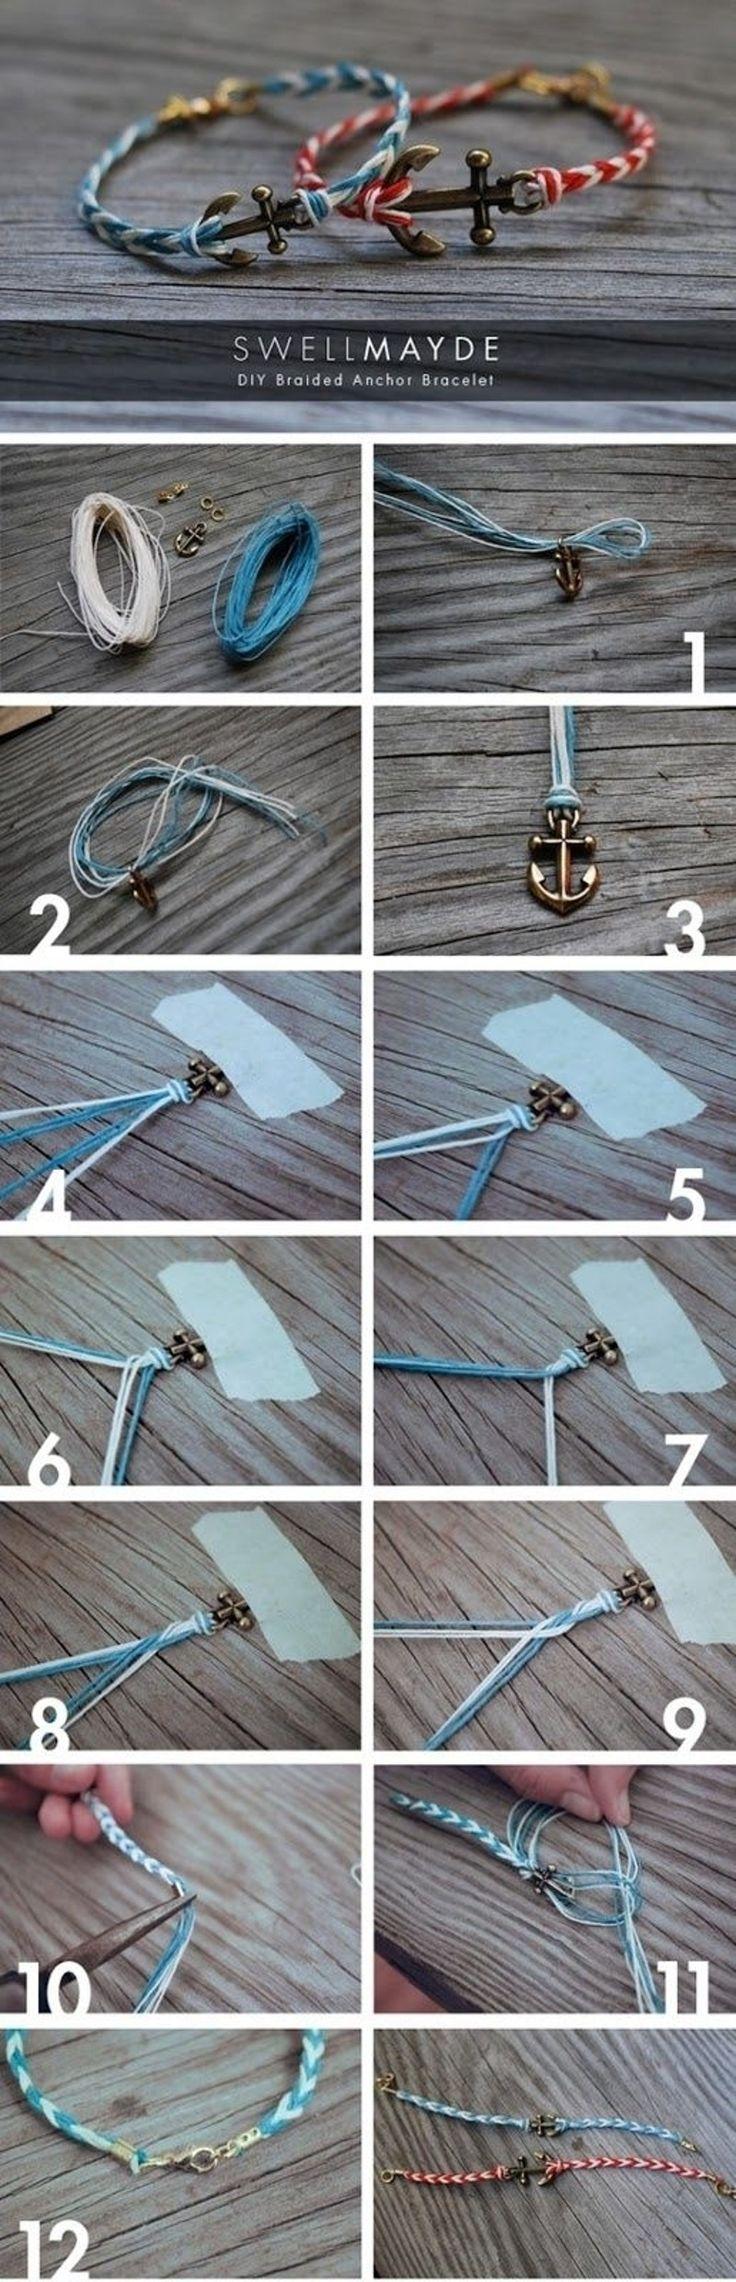 19. #BRICOLAGE COUPLE #NAUTIQUE BRACELETS - 30 #Bracelets étonnants DIY que vous #devrez Check-out... → DIY